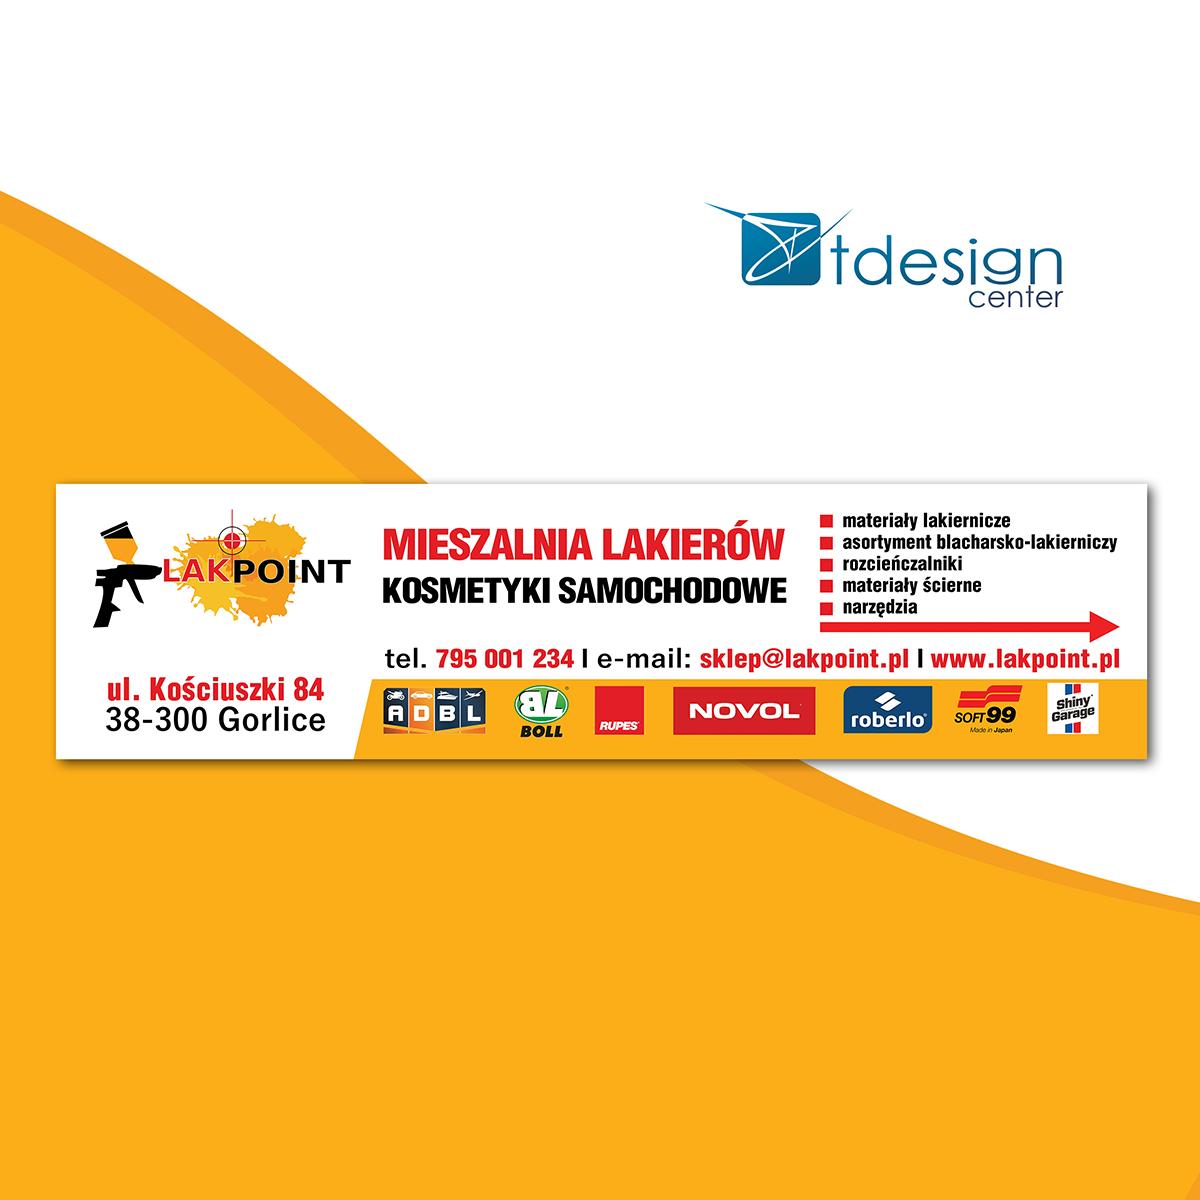 Baner 500x126cm, projekt + realizacja dla firmy LakPoint